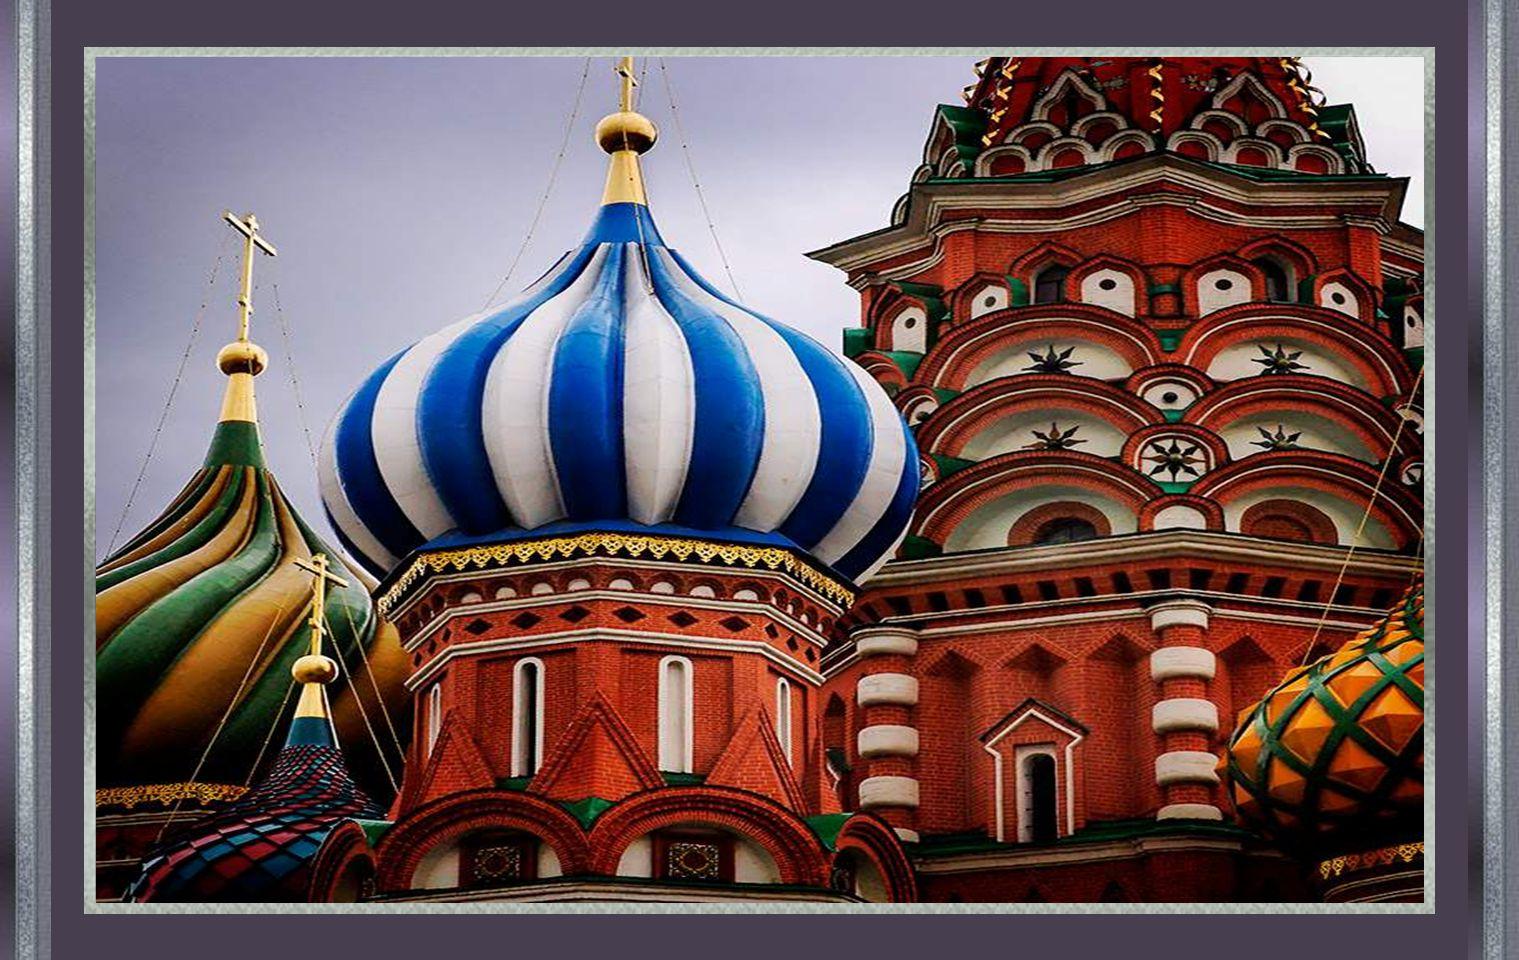 Volgens de legende, had Ivan de architect blind gemaakt, zodat hij nooit meer een mooiere kerk kon bouwen zoals deze.